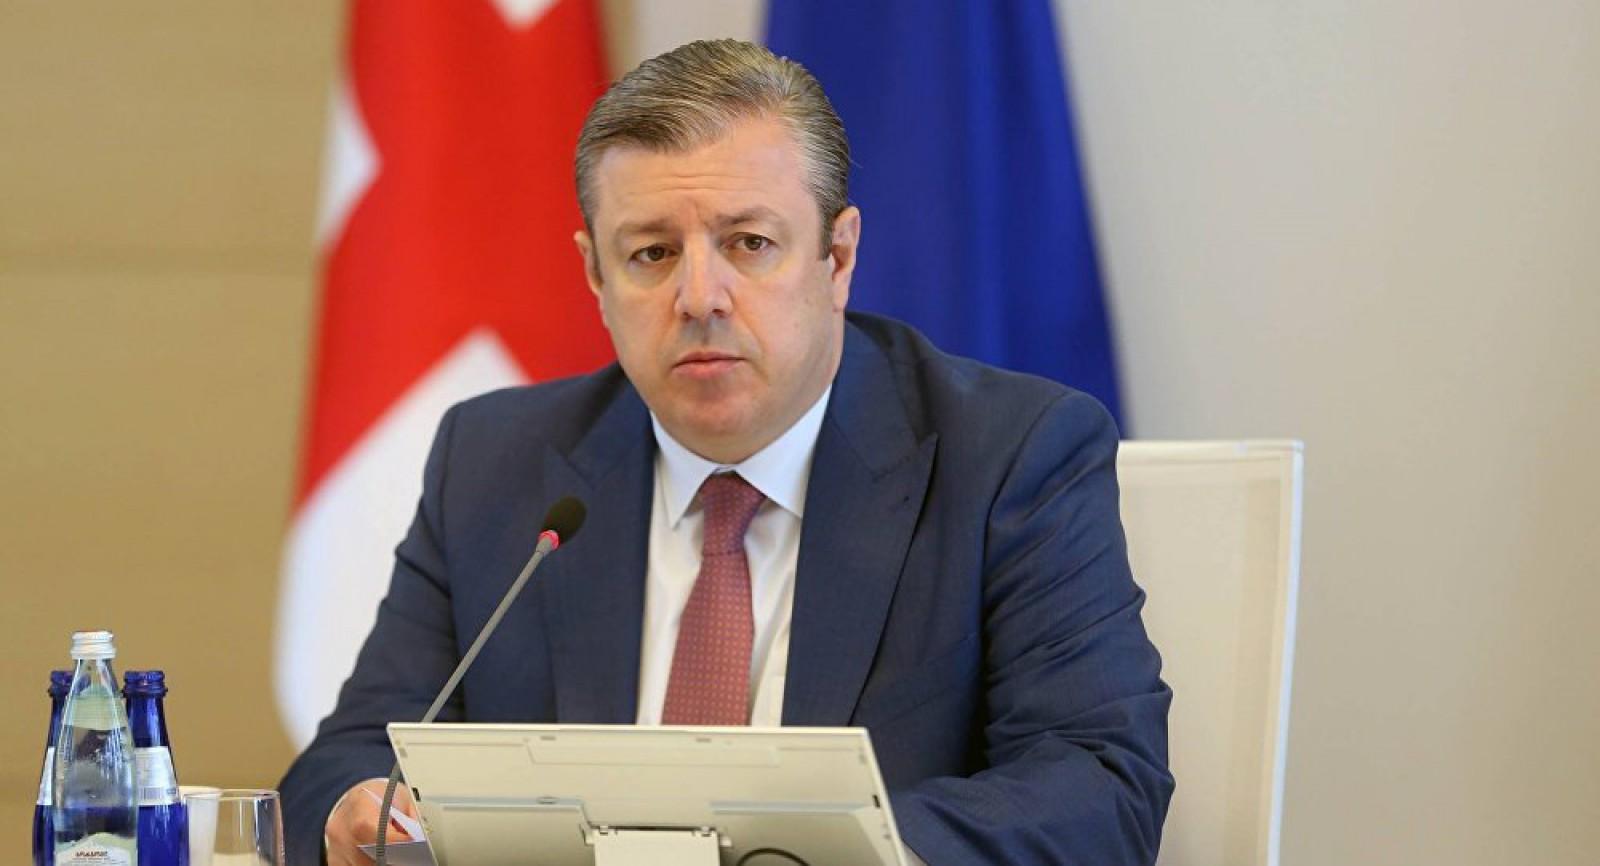 Premierul georgian Kvirikashvili a demisionat: Motivul ar fi un dezacord cu liderul partidului de guvernământ